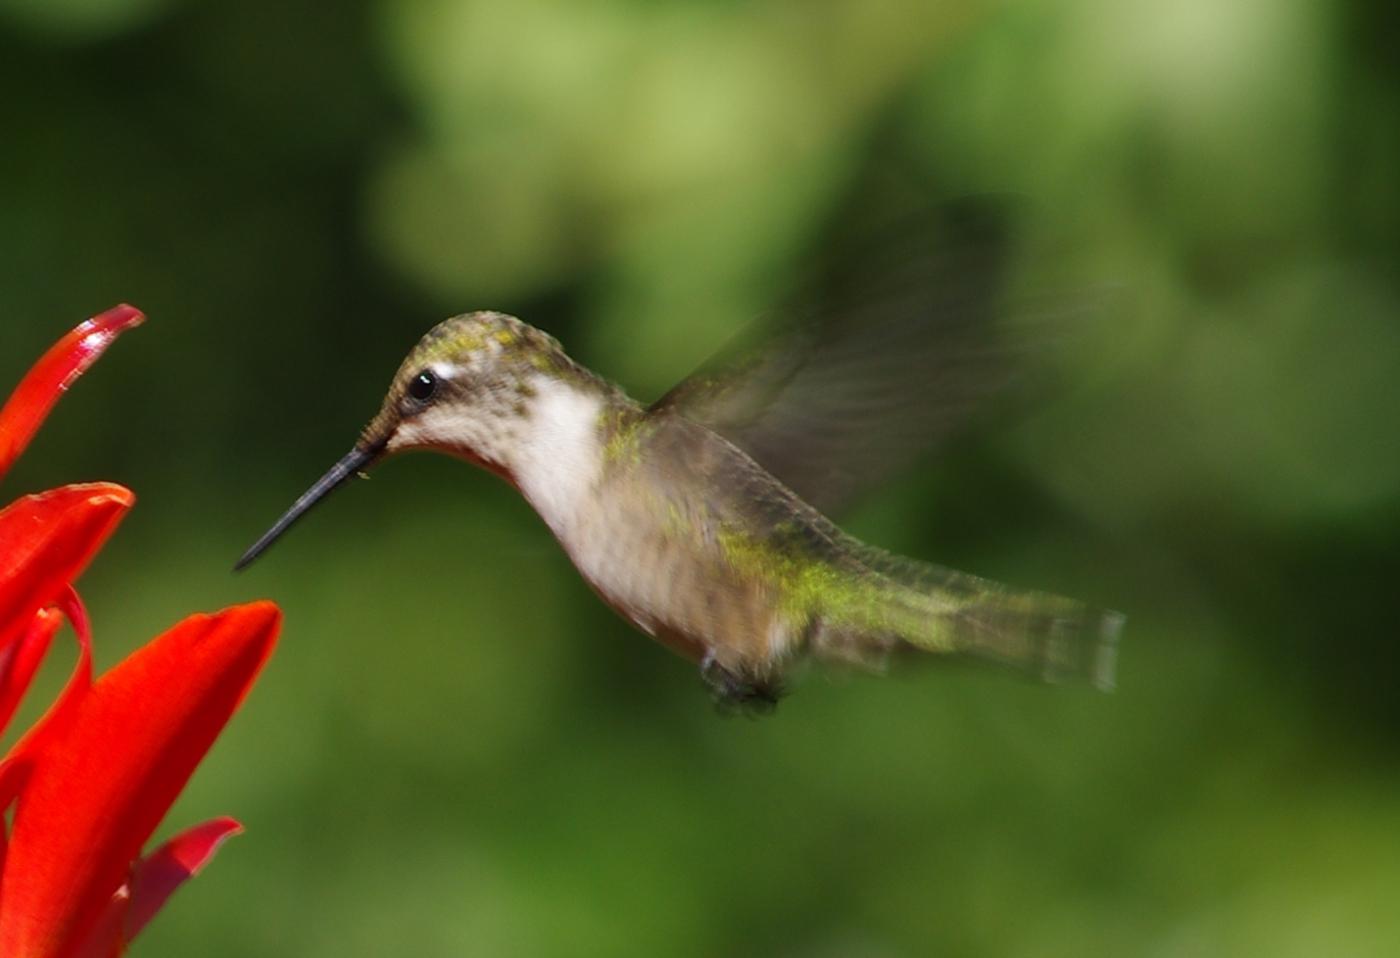 抢縛蜂鸟 --  克隆小鸟